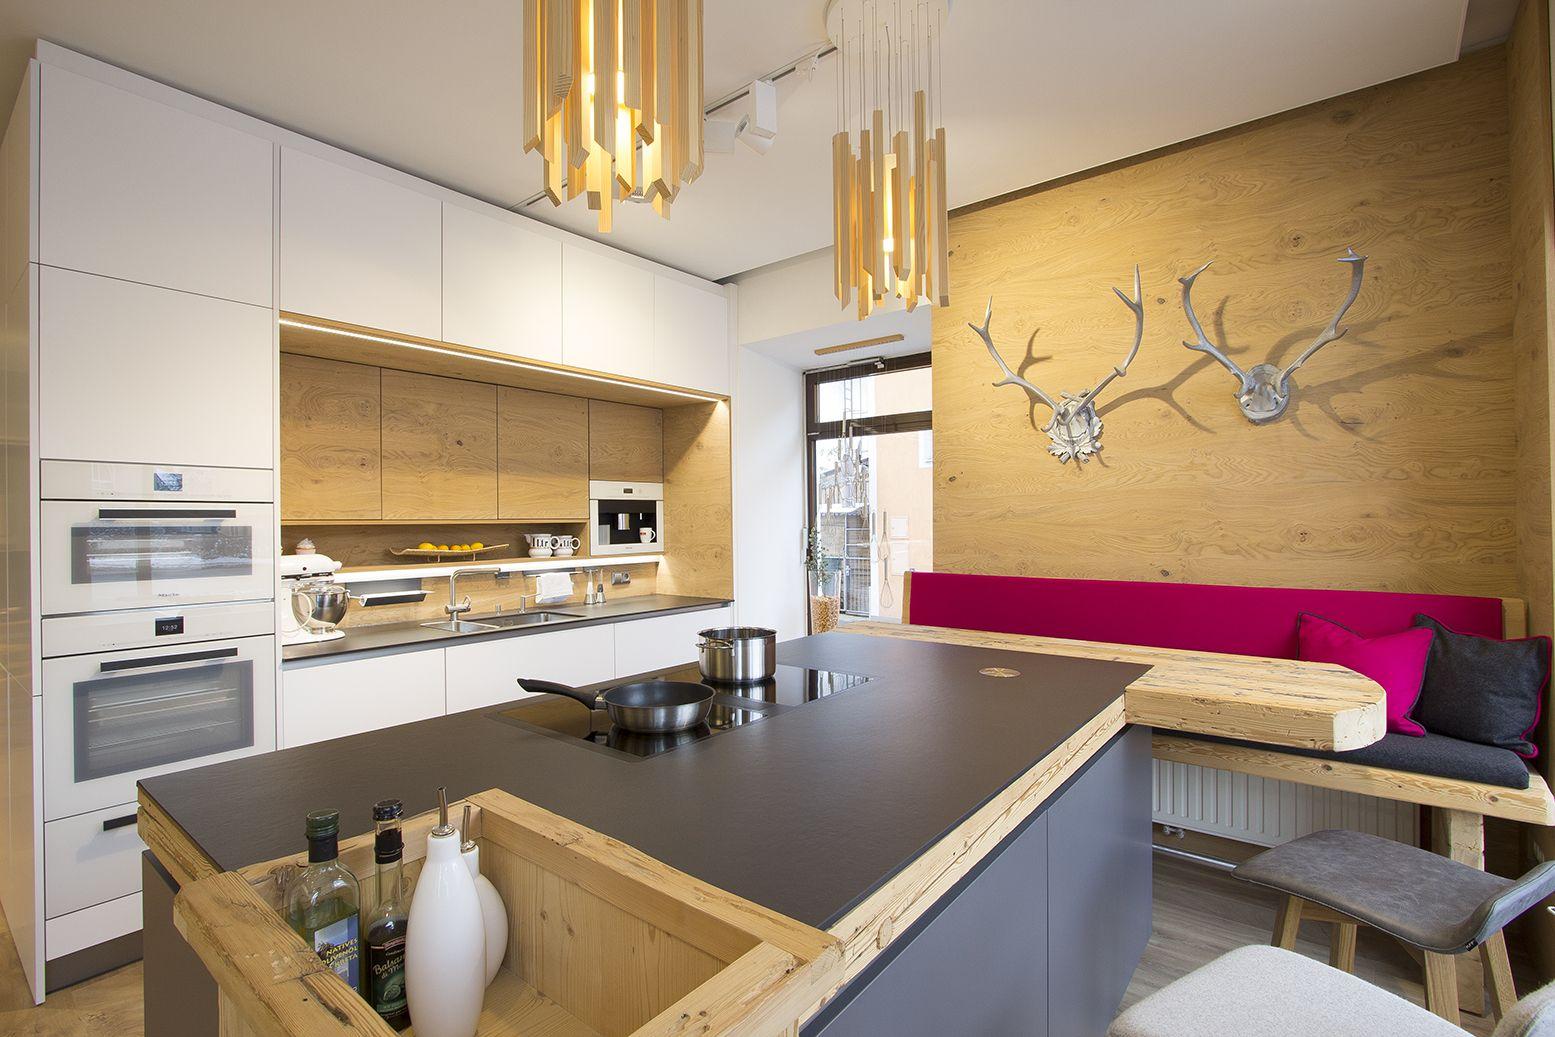 Awesome Kochinsel In Anthrazit Kombiniert Mit Weiß. Keramikarbeitsplatte. Sitzbank  Mit Altholz Und Lodenstoff. Planung Amazing Ideas